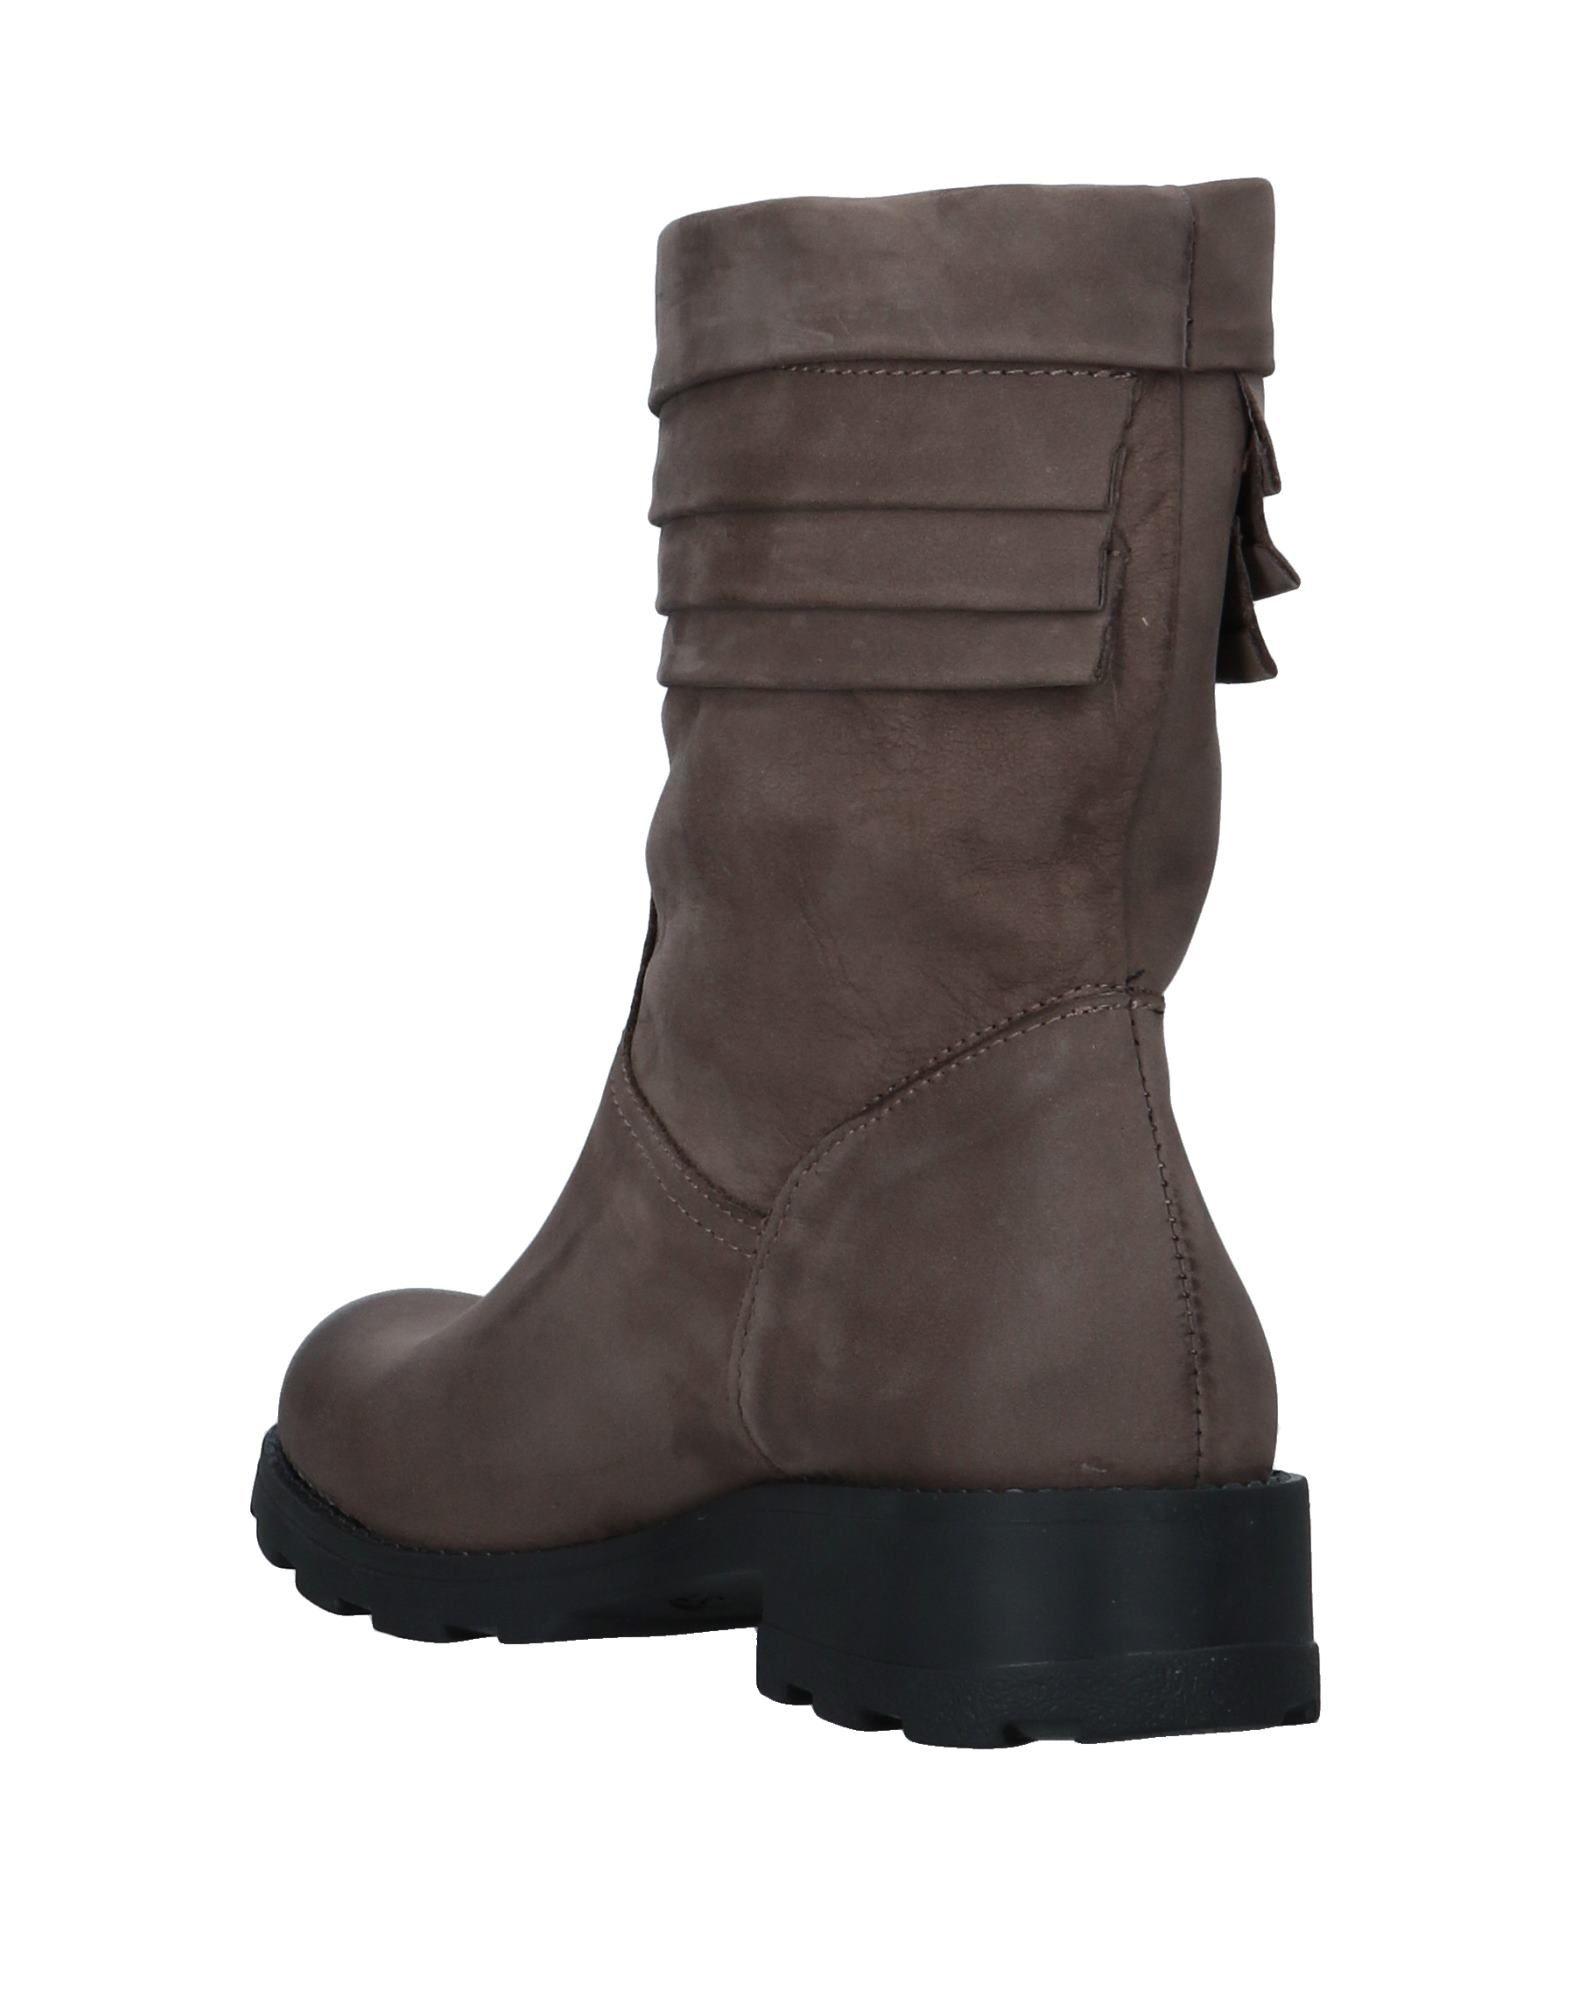 Unlace Stiefelette Qualität Damen  11528829SN Gute Qualität Stiefelette beliebte Schuhe aadc4b